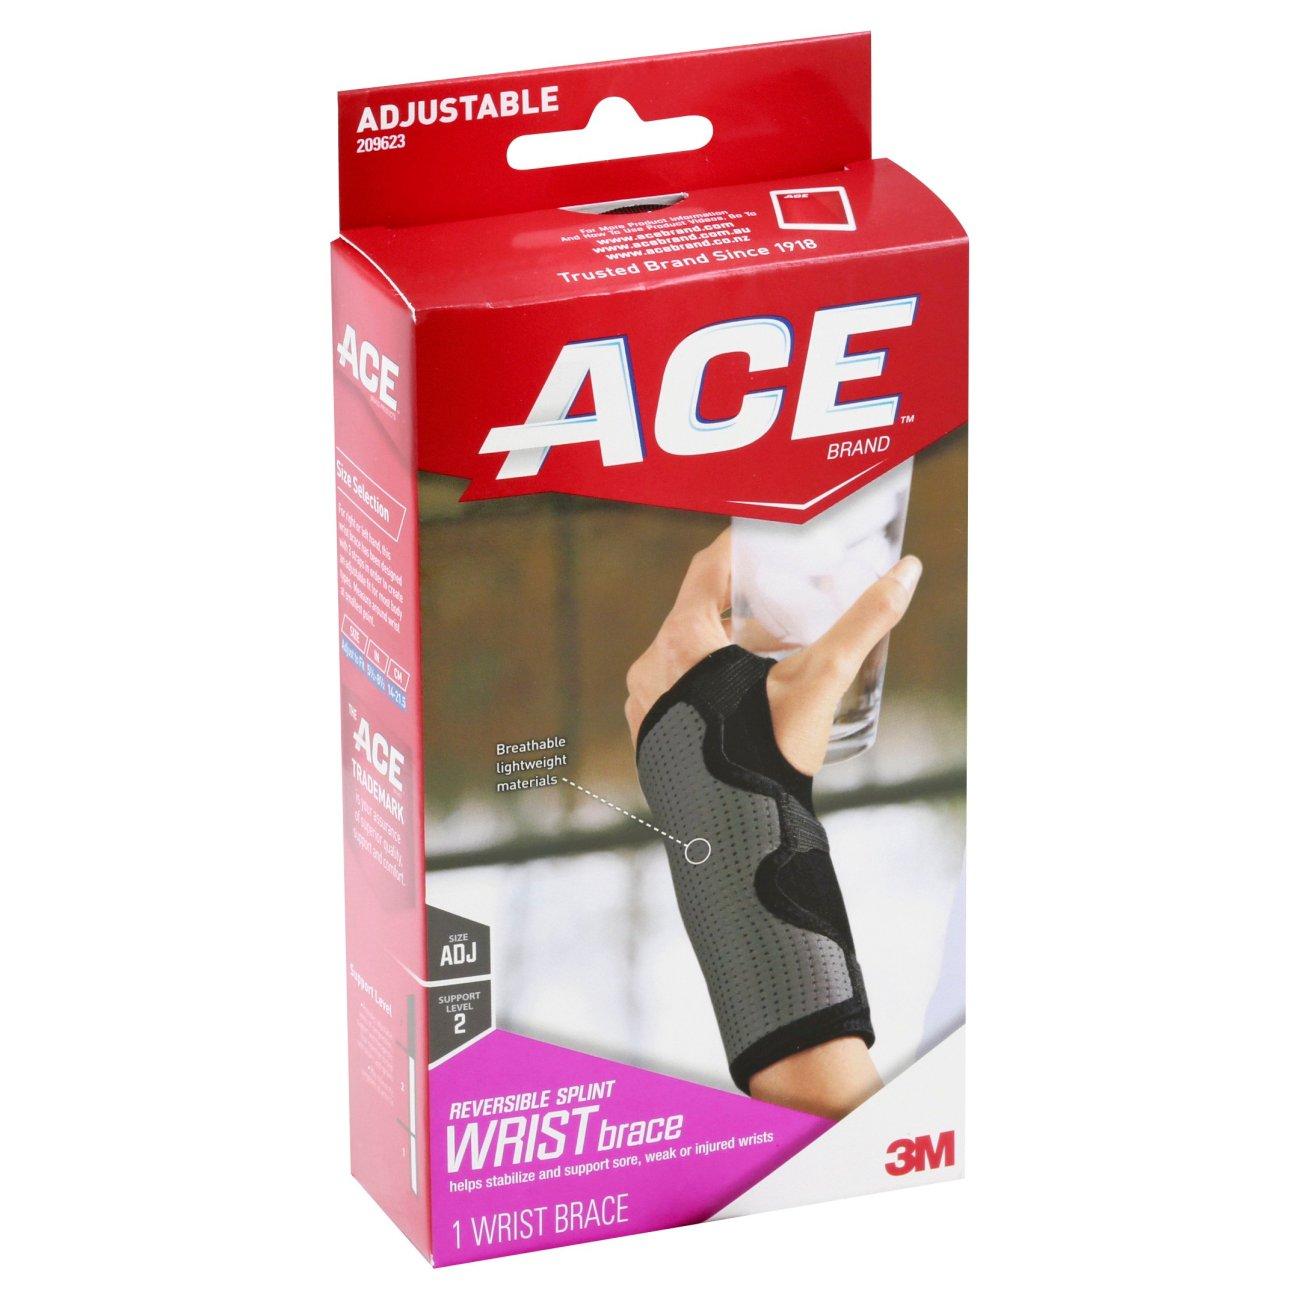 Ace Moderate Stabilizing Adjustable Splint Wrist Brace Shop